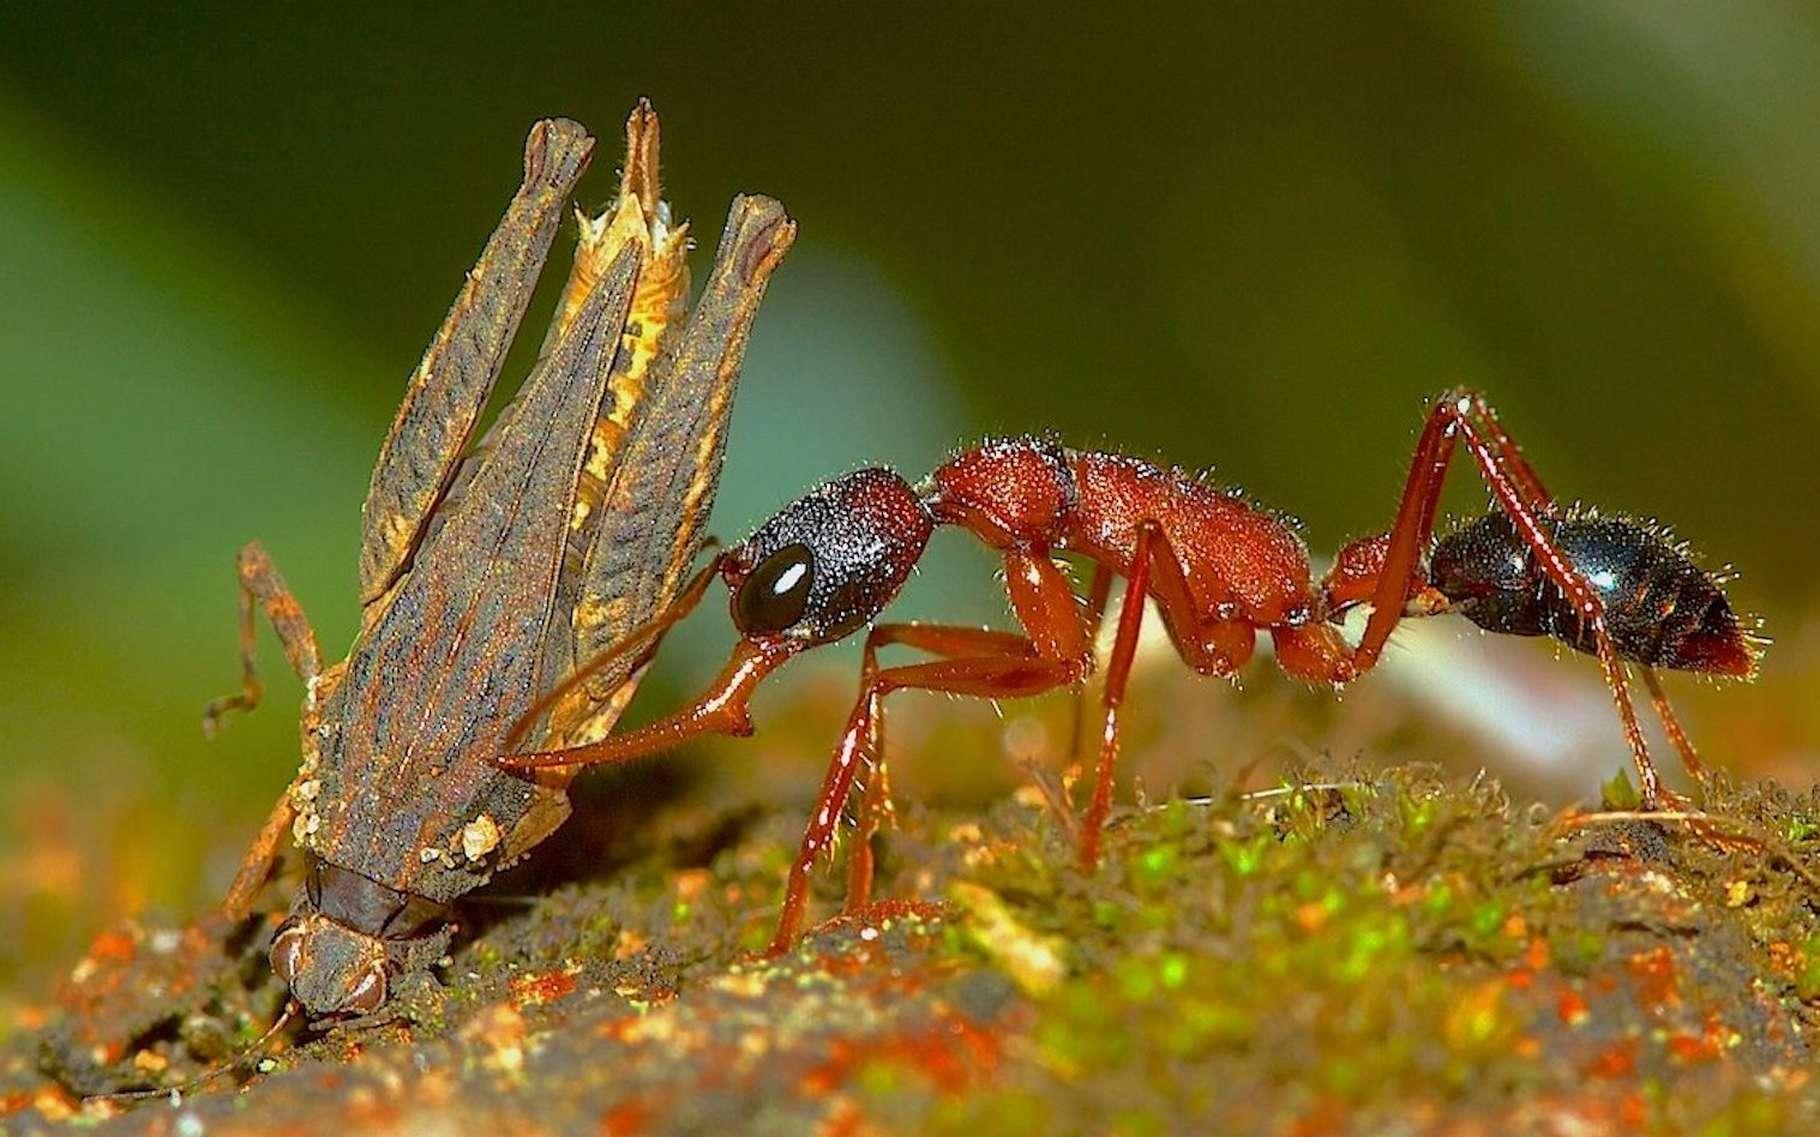 Des chercheurs de l'université d'État de Kennesaw (États-Unis) ont observé une étonnante plasticité chez les fourmis sauteuses indiennes. © Kalesh Sadasivan, Antwiki